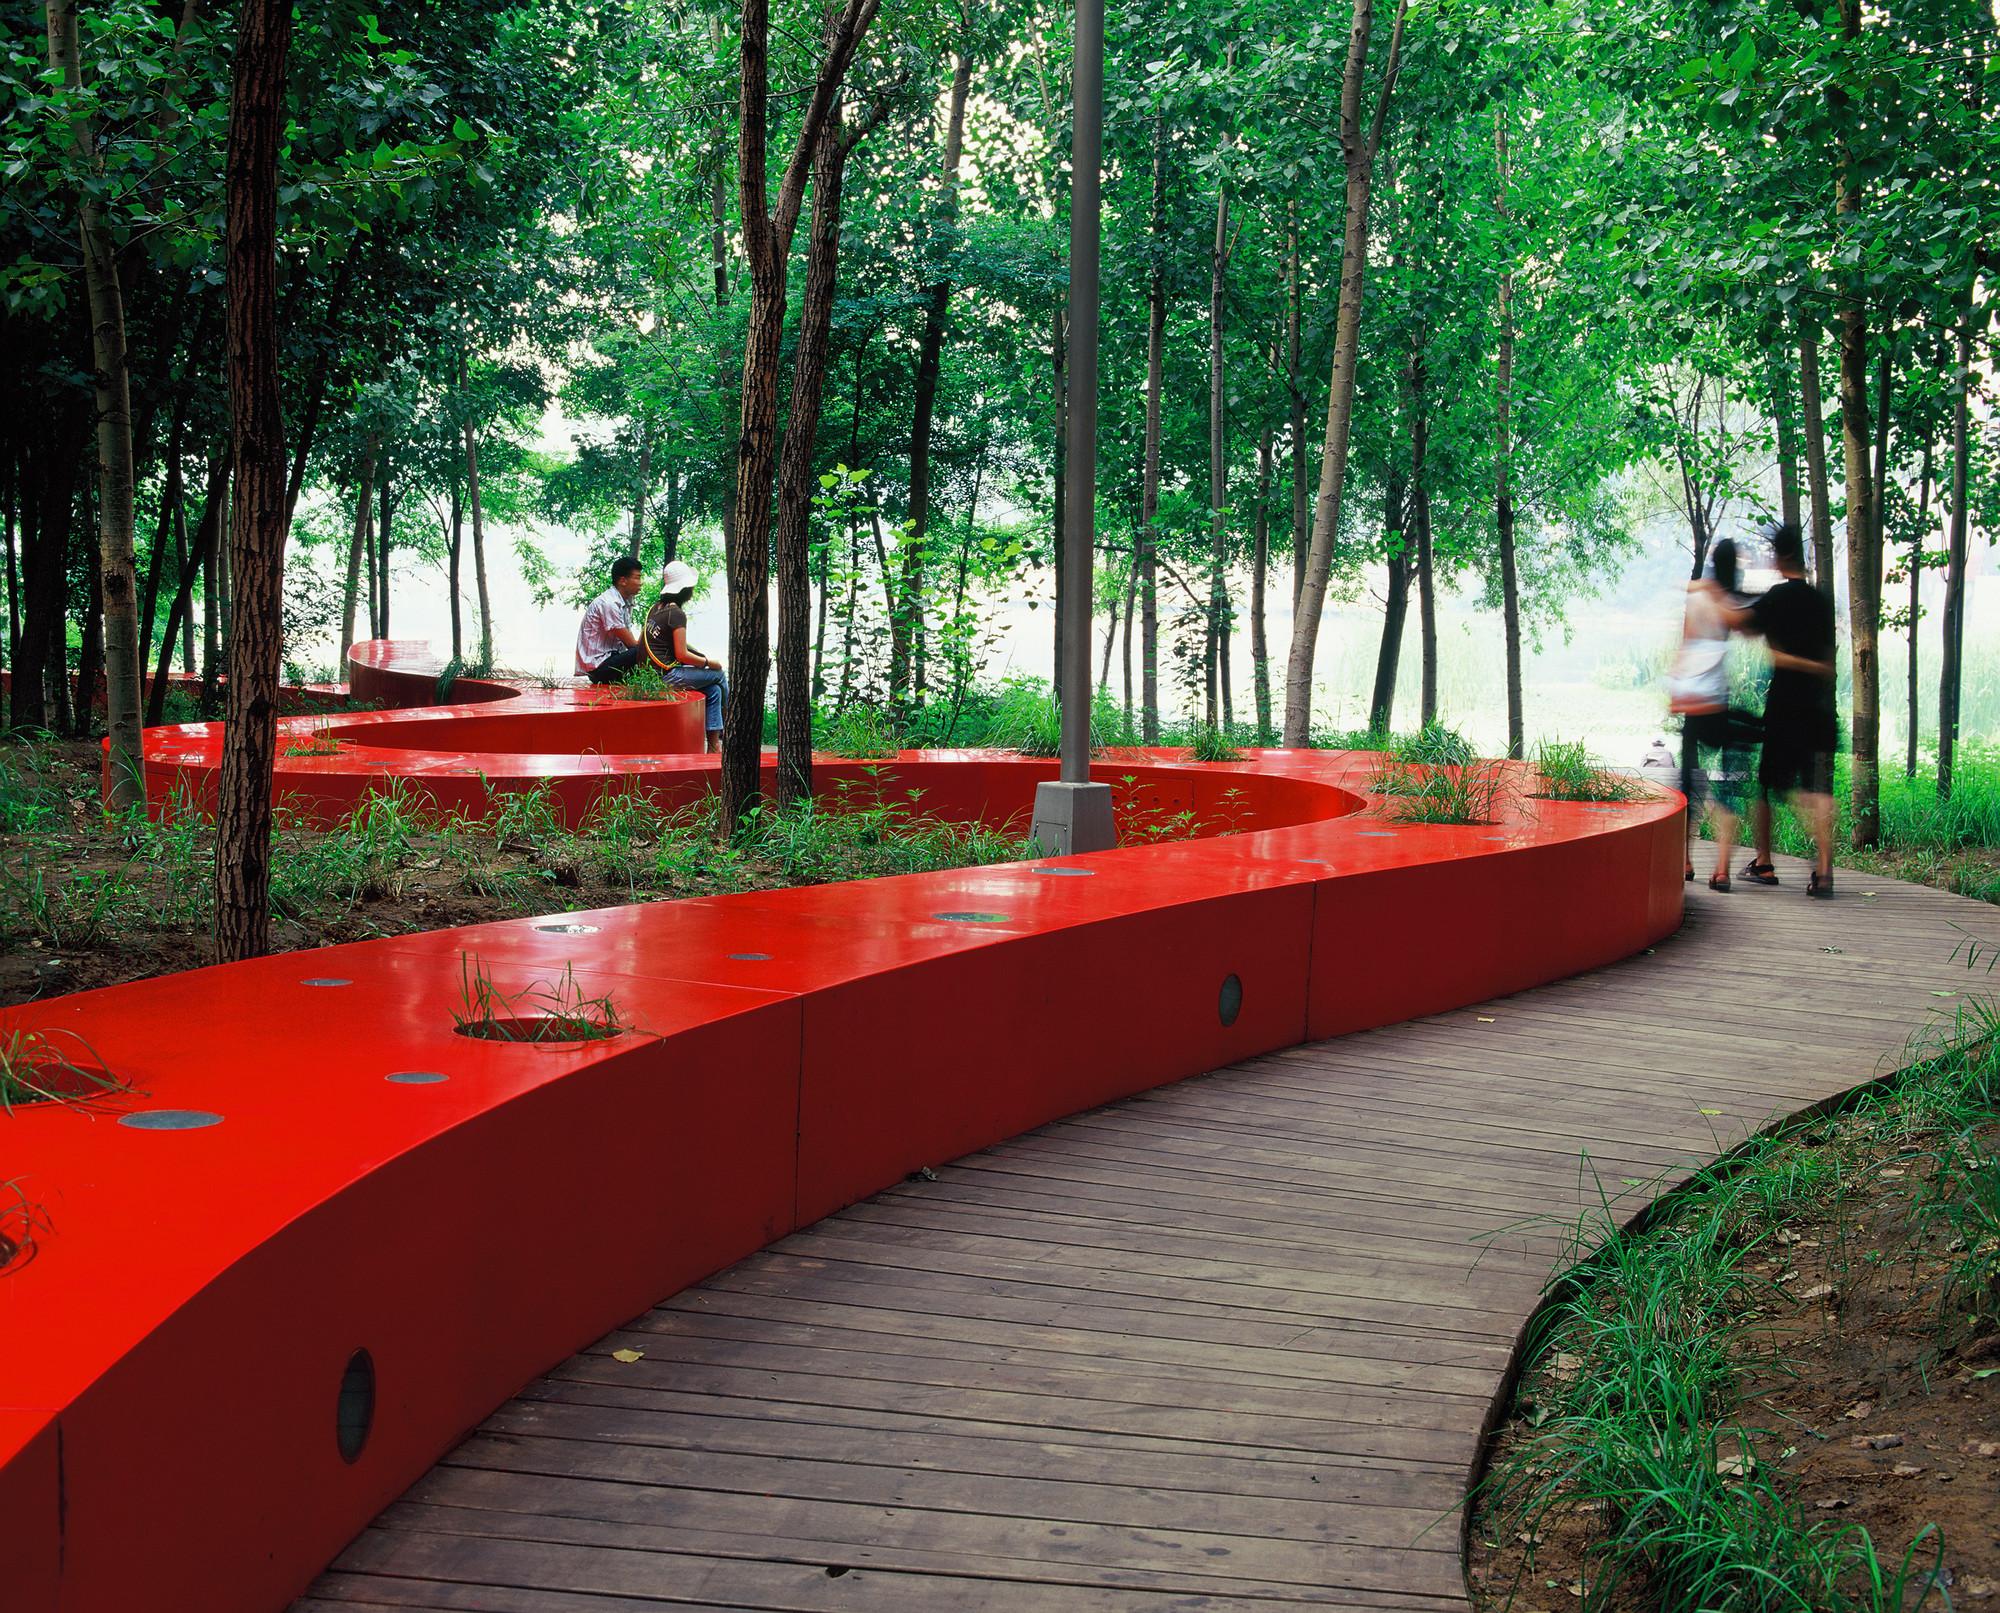 Progettazione e arredo urbano planeta srl for Arredo planet